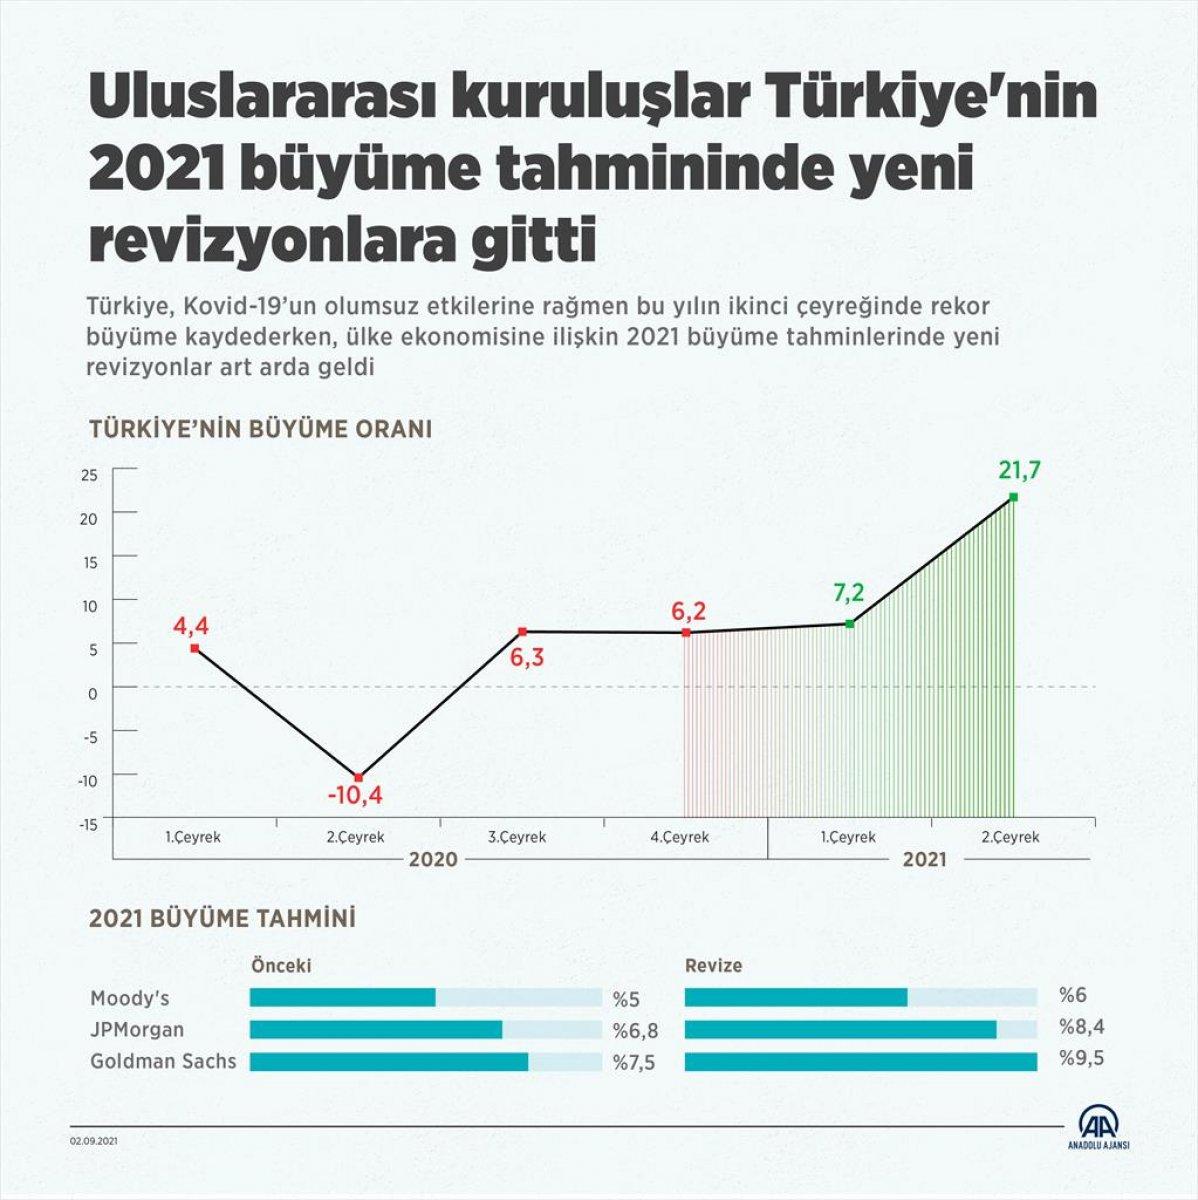 Uluslararası kuruluşlar Türkiye ekonomisinin büyüme tahminini artırdı #2